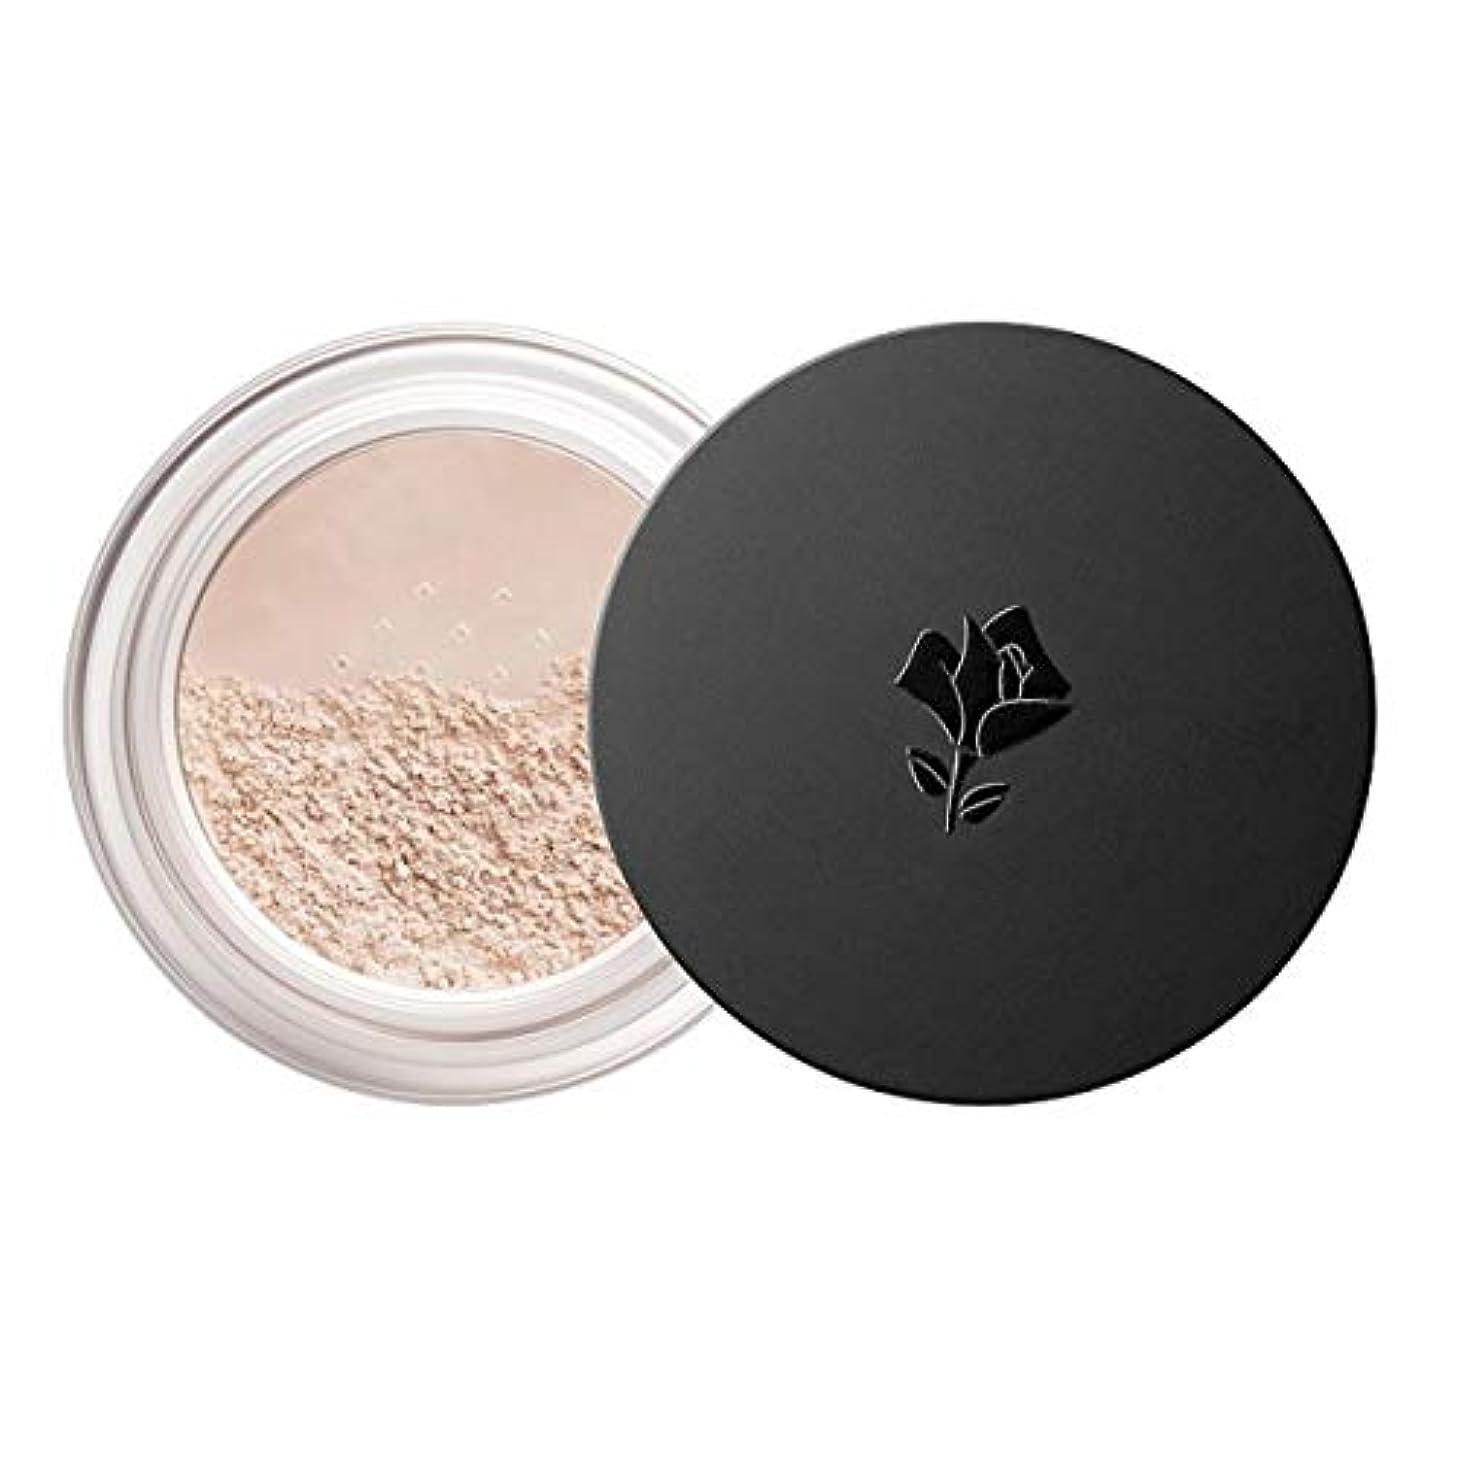 広まった誤解する冷蔵庫ランコム Long Time No Shine Loose Setting & Mattifying Powder - # Translucent 15g/0.52oz並行輸入品